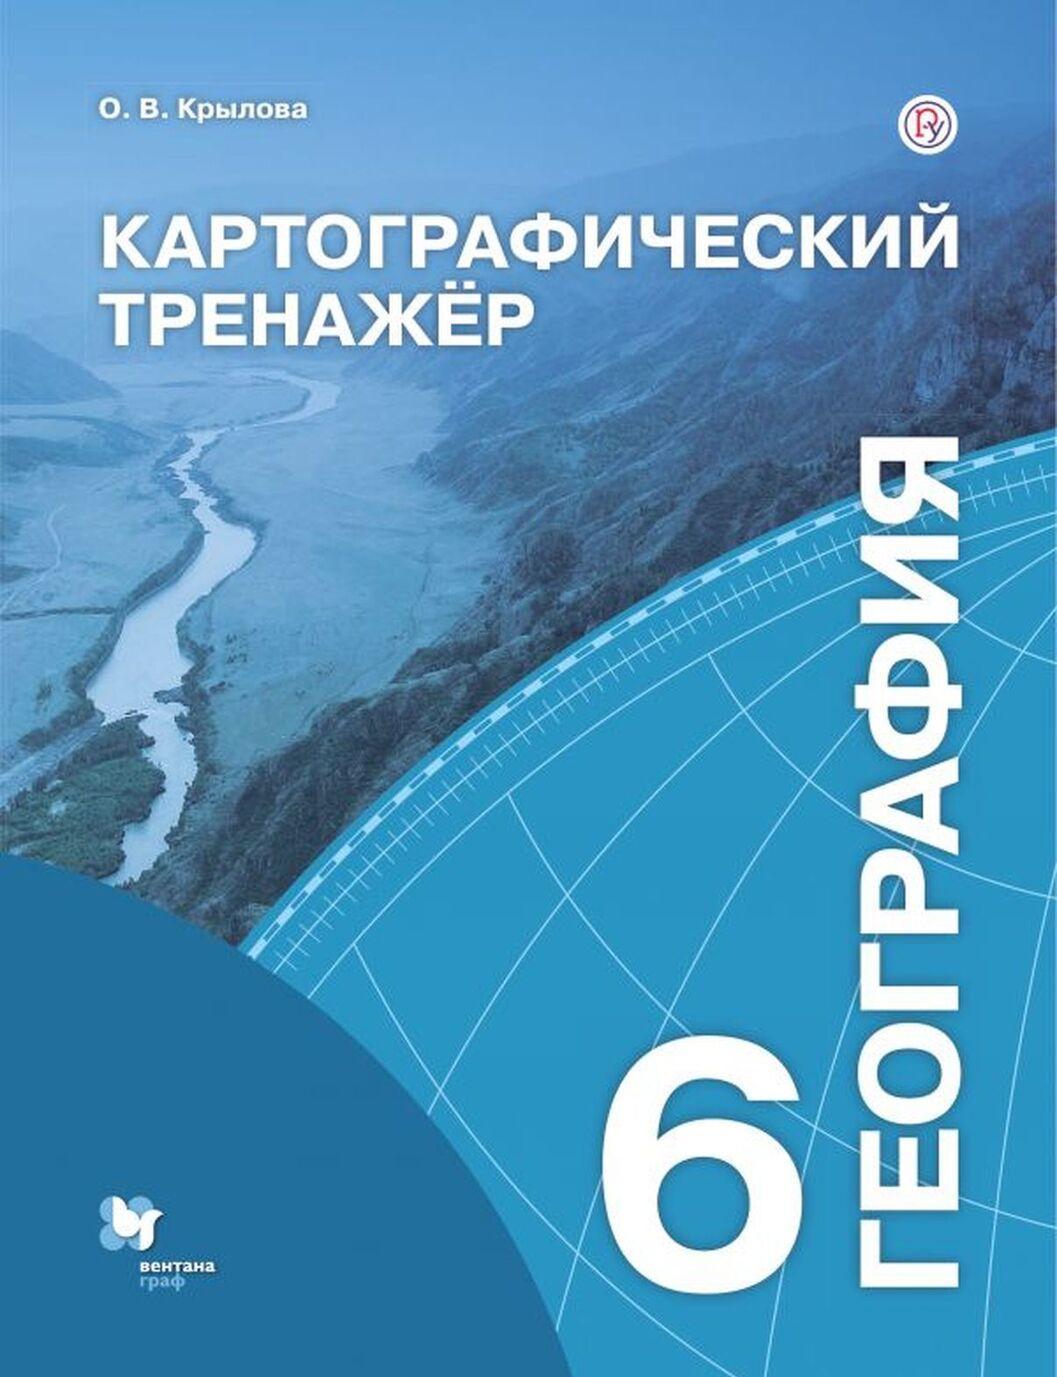 Geografija. 6 klass. Kartograficheskij trenazhjor | Krylova Olga Vadimovna